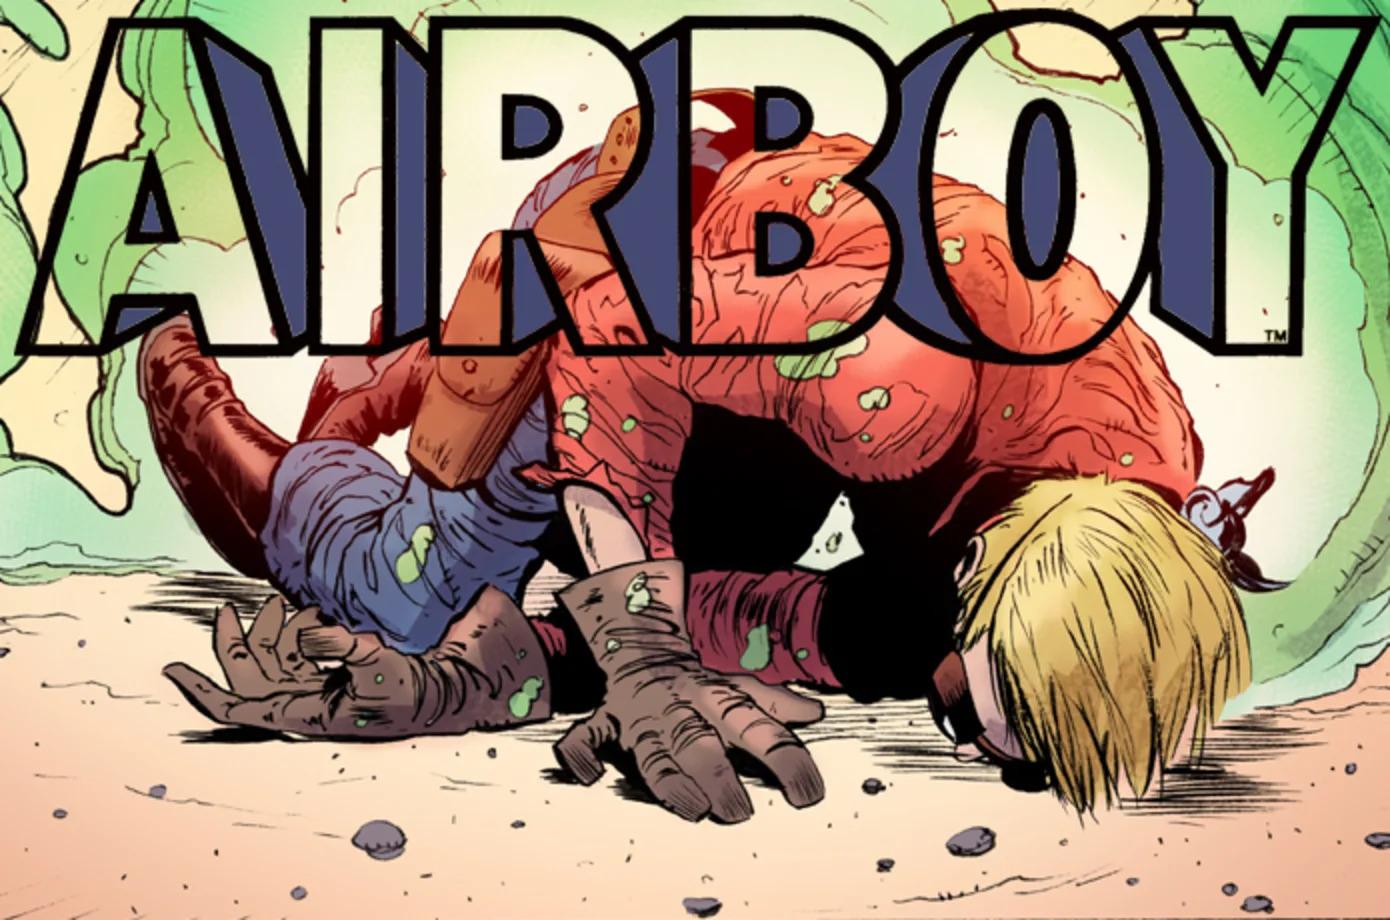 Airboy #51 - Promo